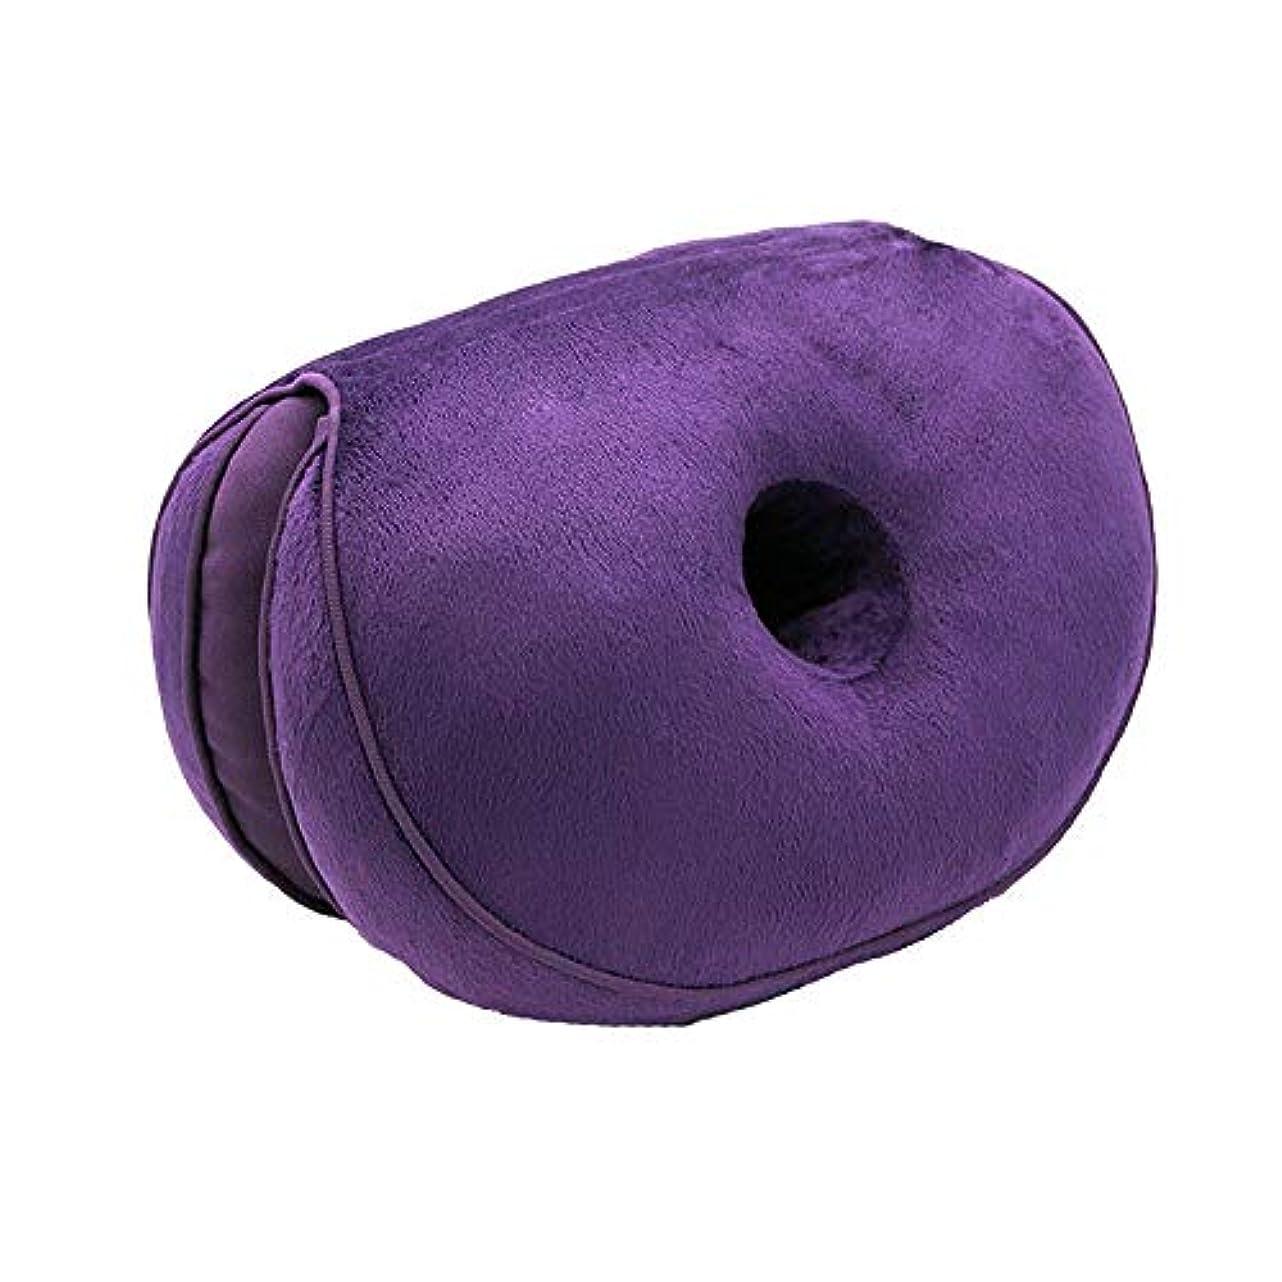 靴ダイジェストハイライトLIFE2019 新デュアルシートクッション低反発ラテックスオフィスチェアバックシートクッション快適な臀部マットパッド枕旅行枕女性女の子クッション 椅子